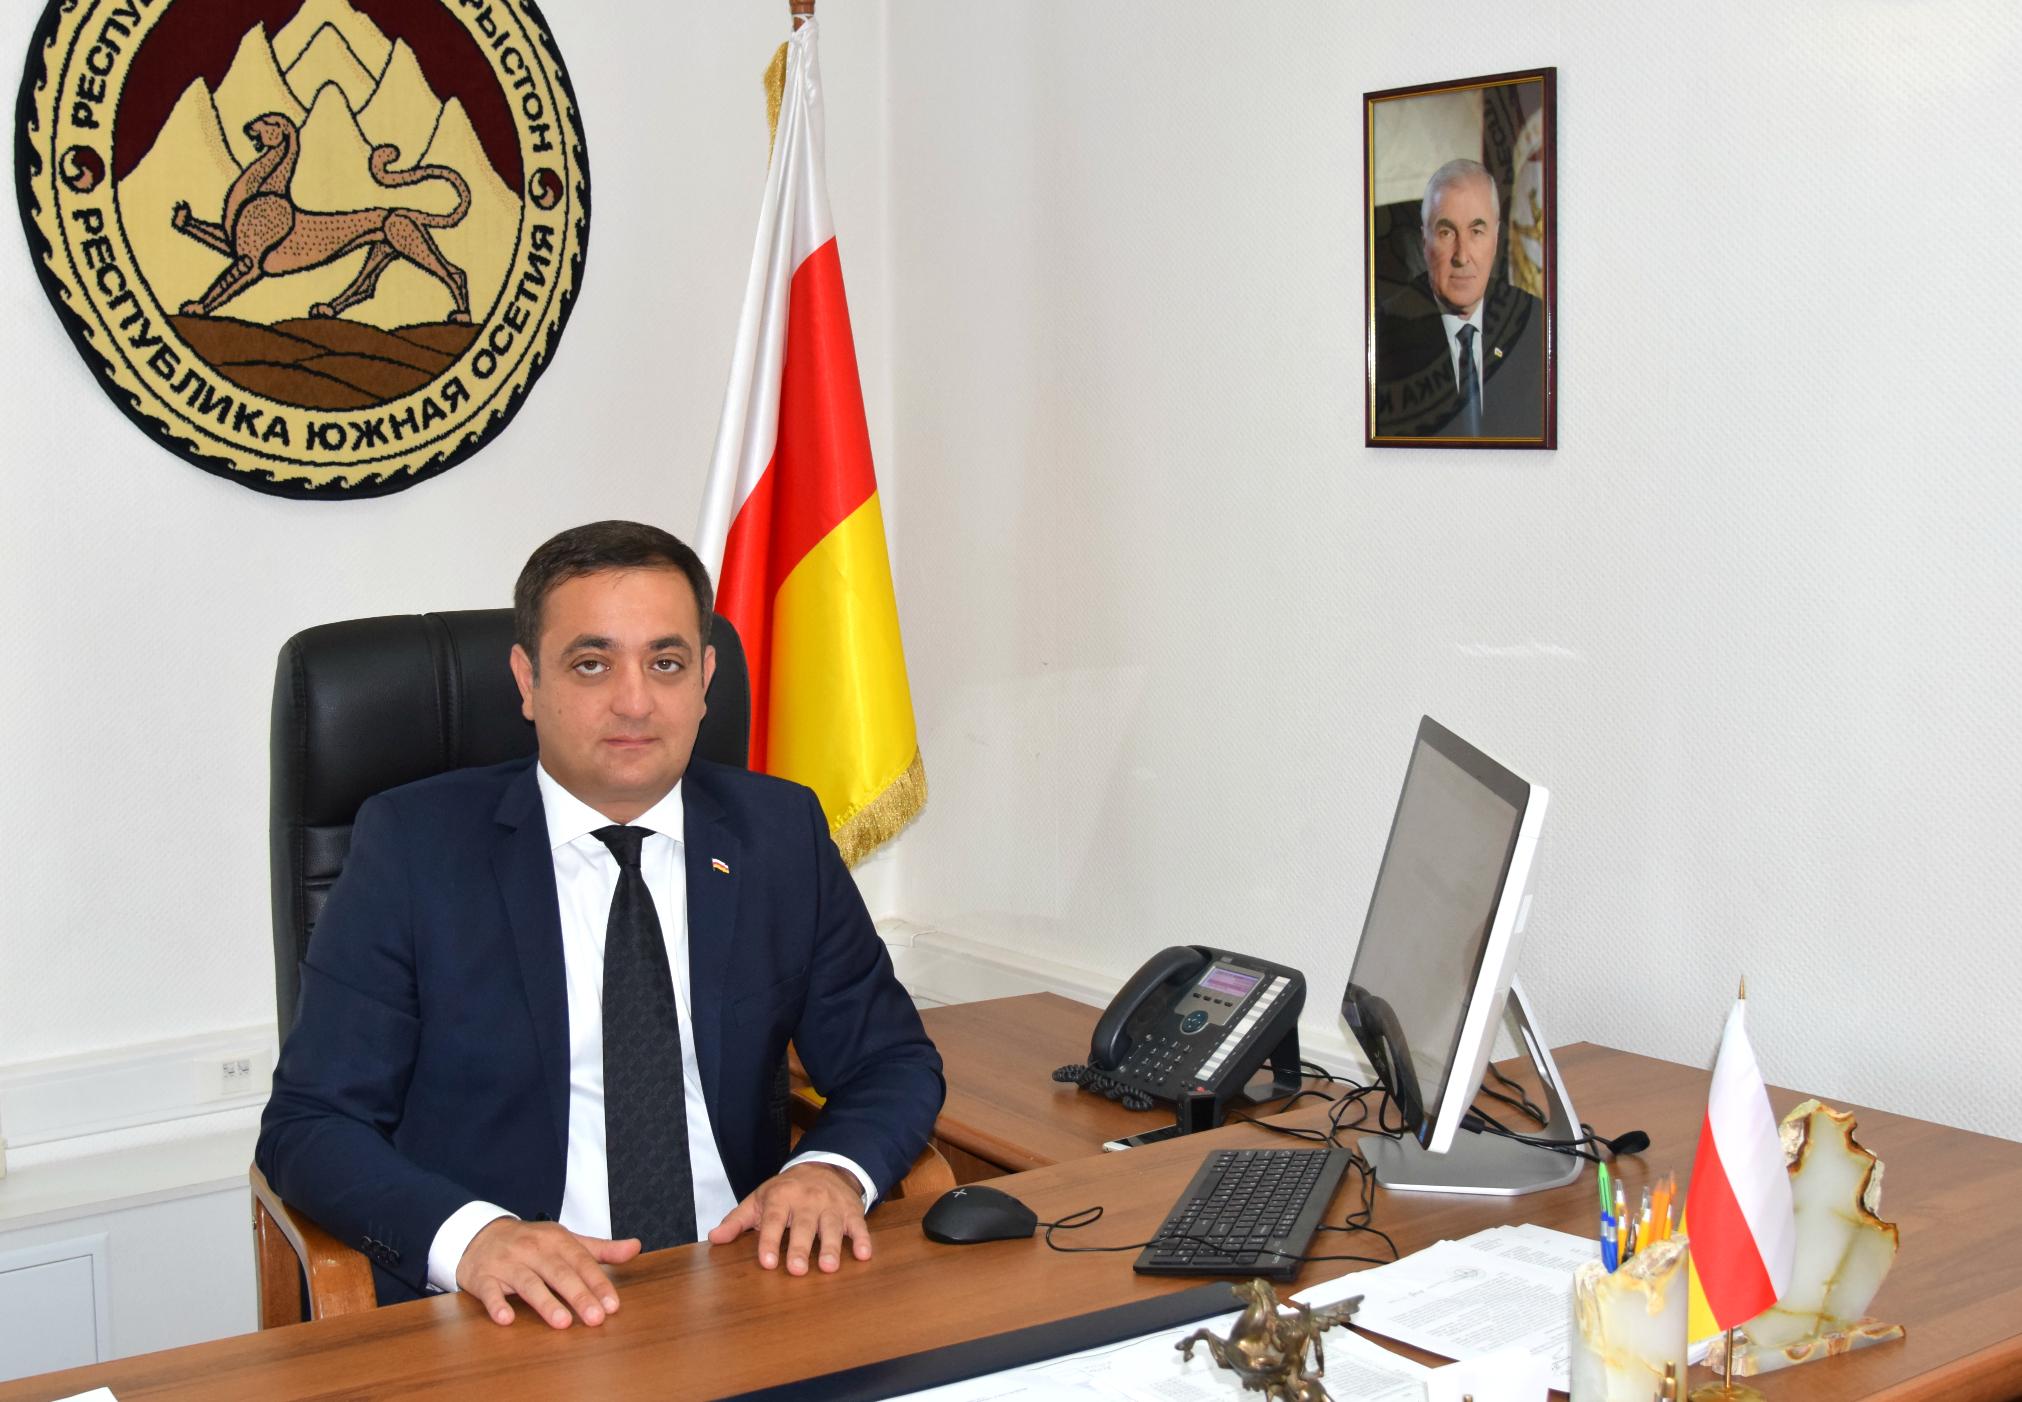 Знаур Гассиев: Война 2008 года — это беспрецедентная по жестокости акция преступного режима Саакашвили